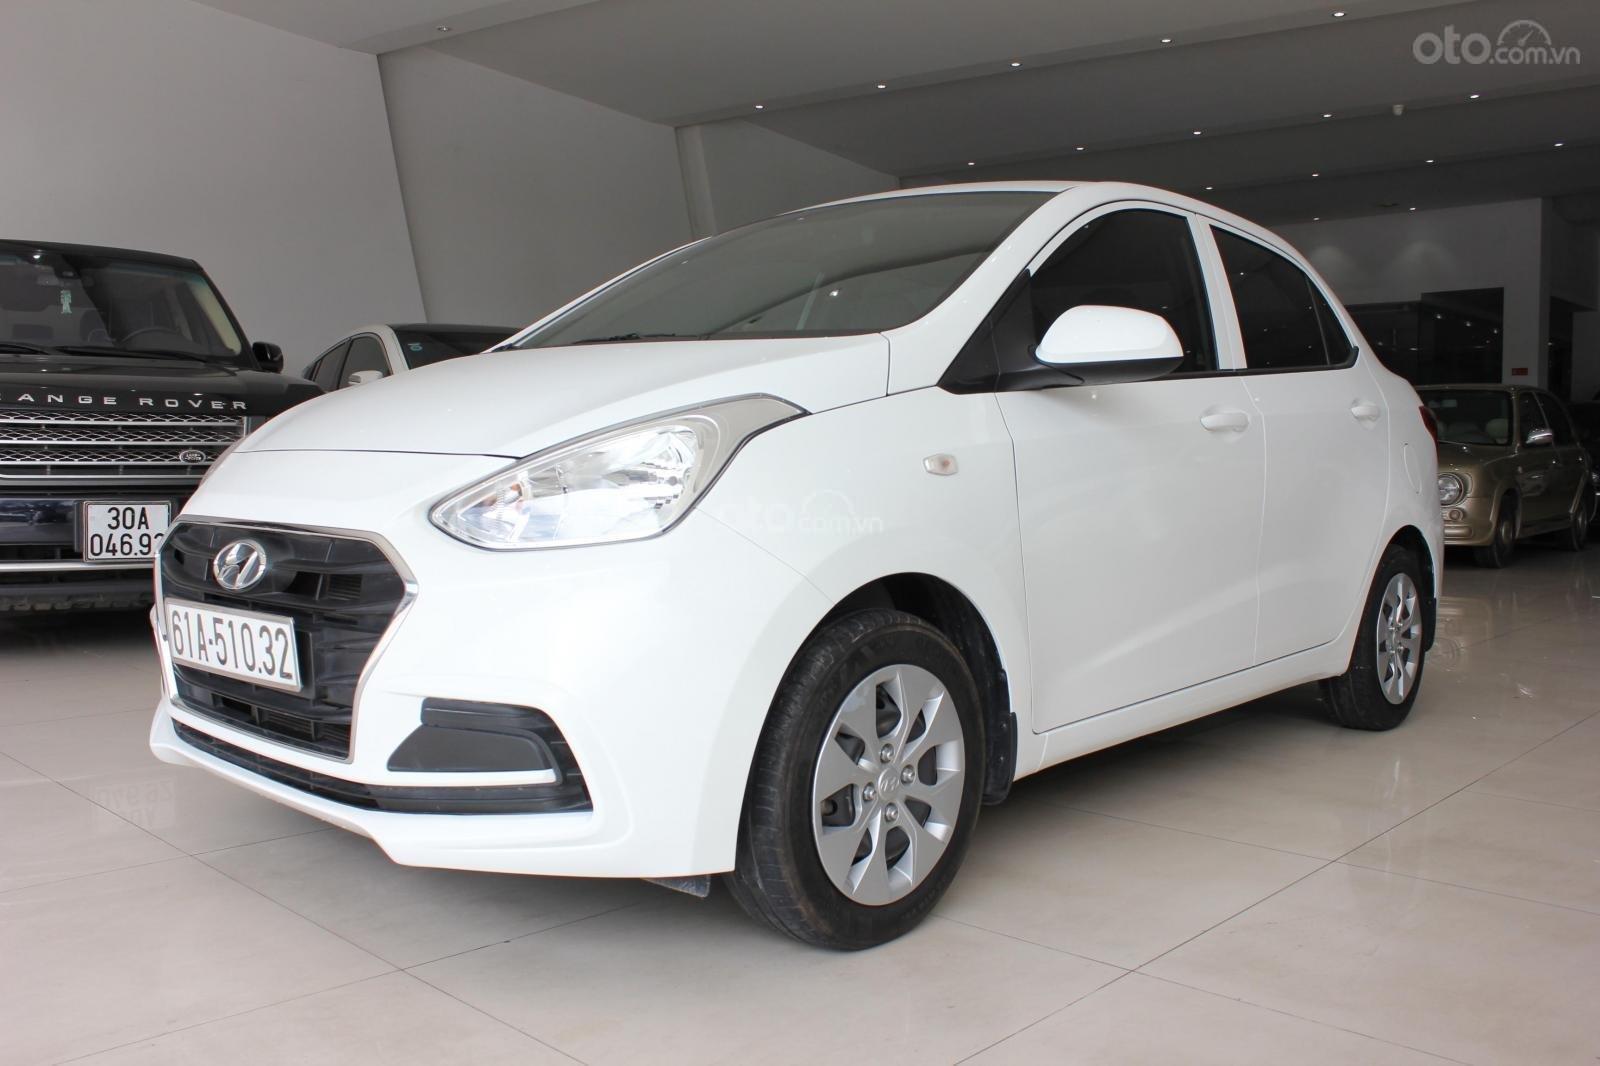 Bán xe Hyundai Grand i10 đời 2018, màu trắng, 335 triệu (14)